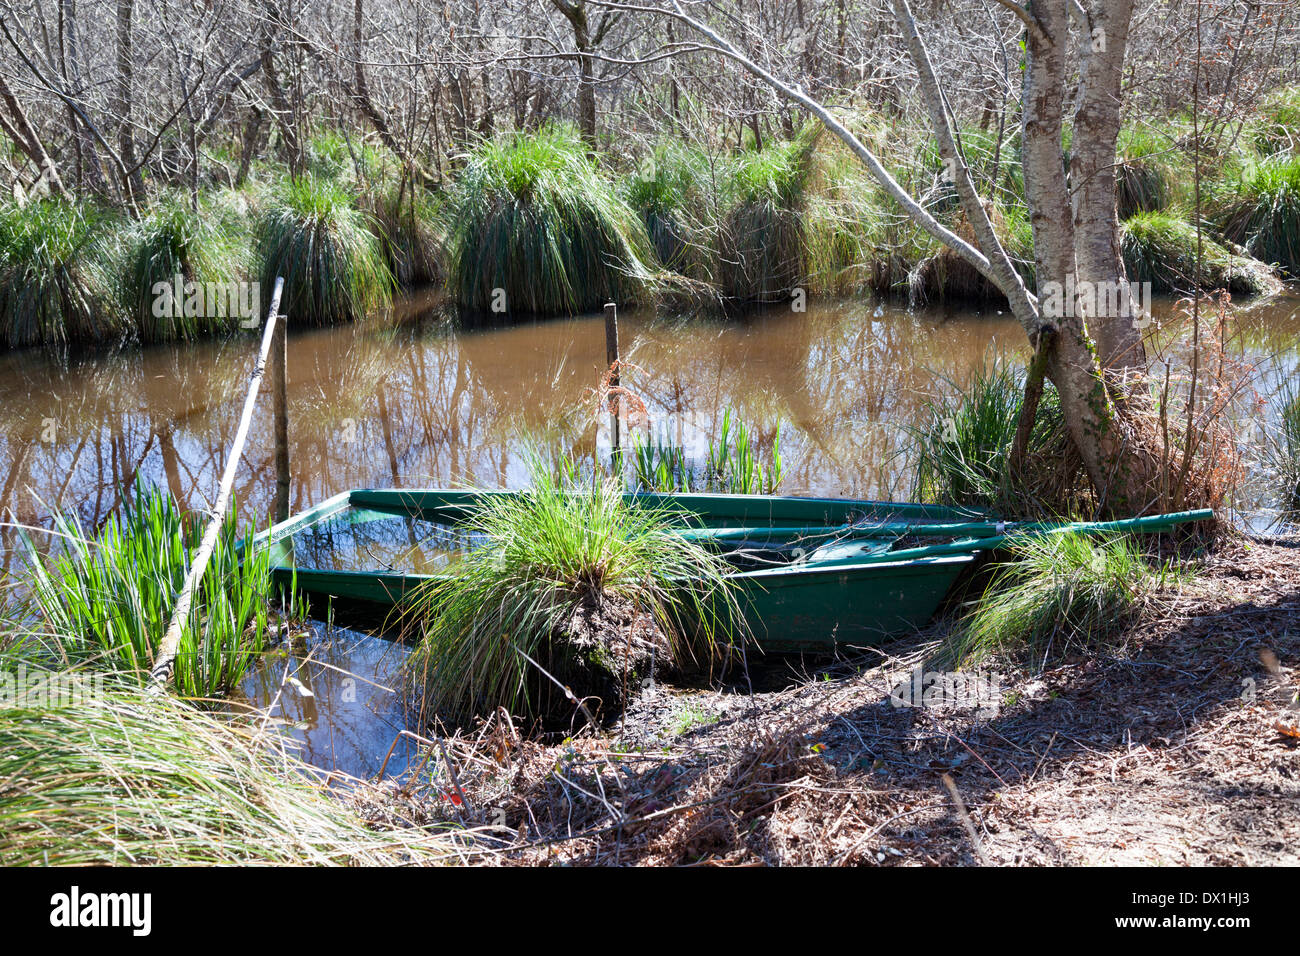 La periferia superficial marismas del estanque de León (Francia); sólo una pequeña embarcación de fondo plano permite que circule a través de ellas. Imagen De Stock